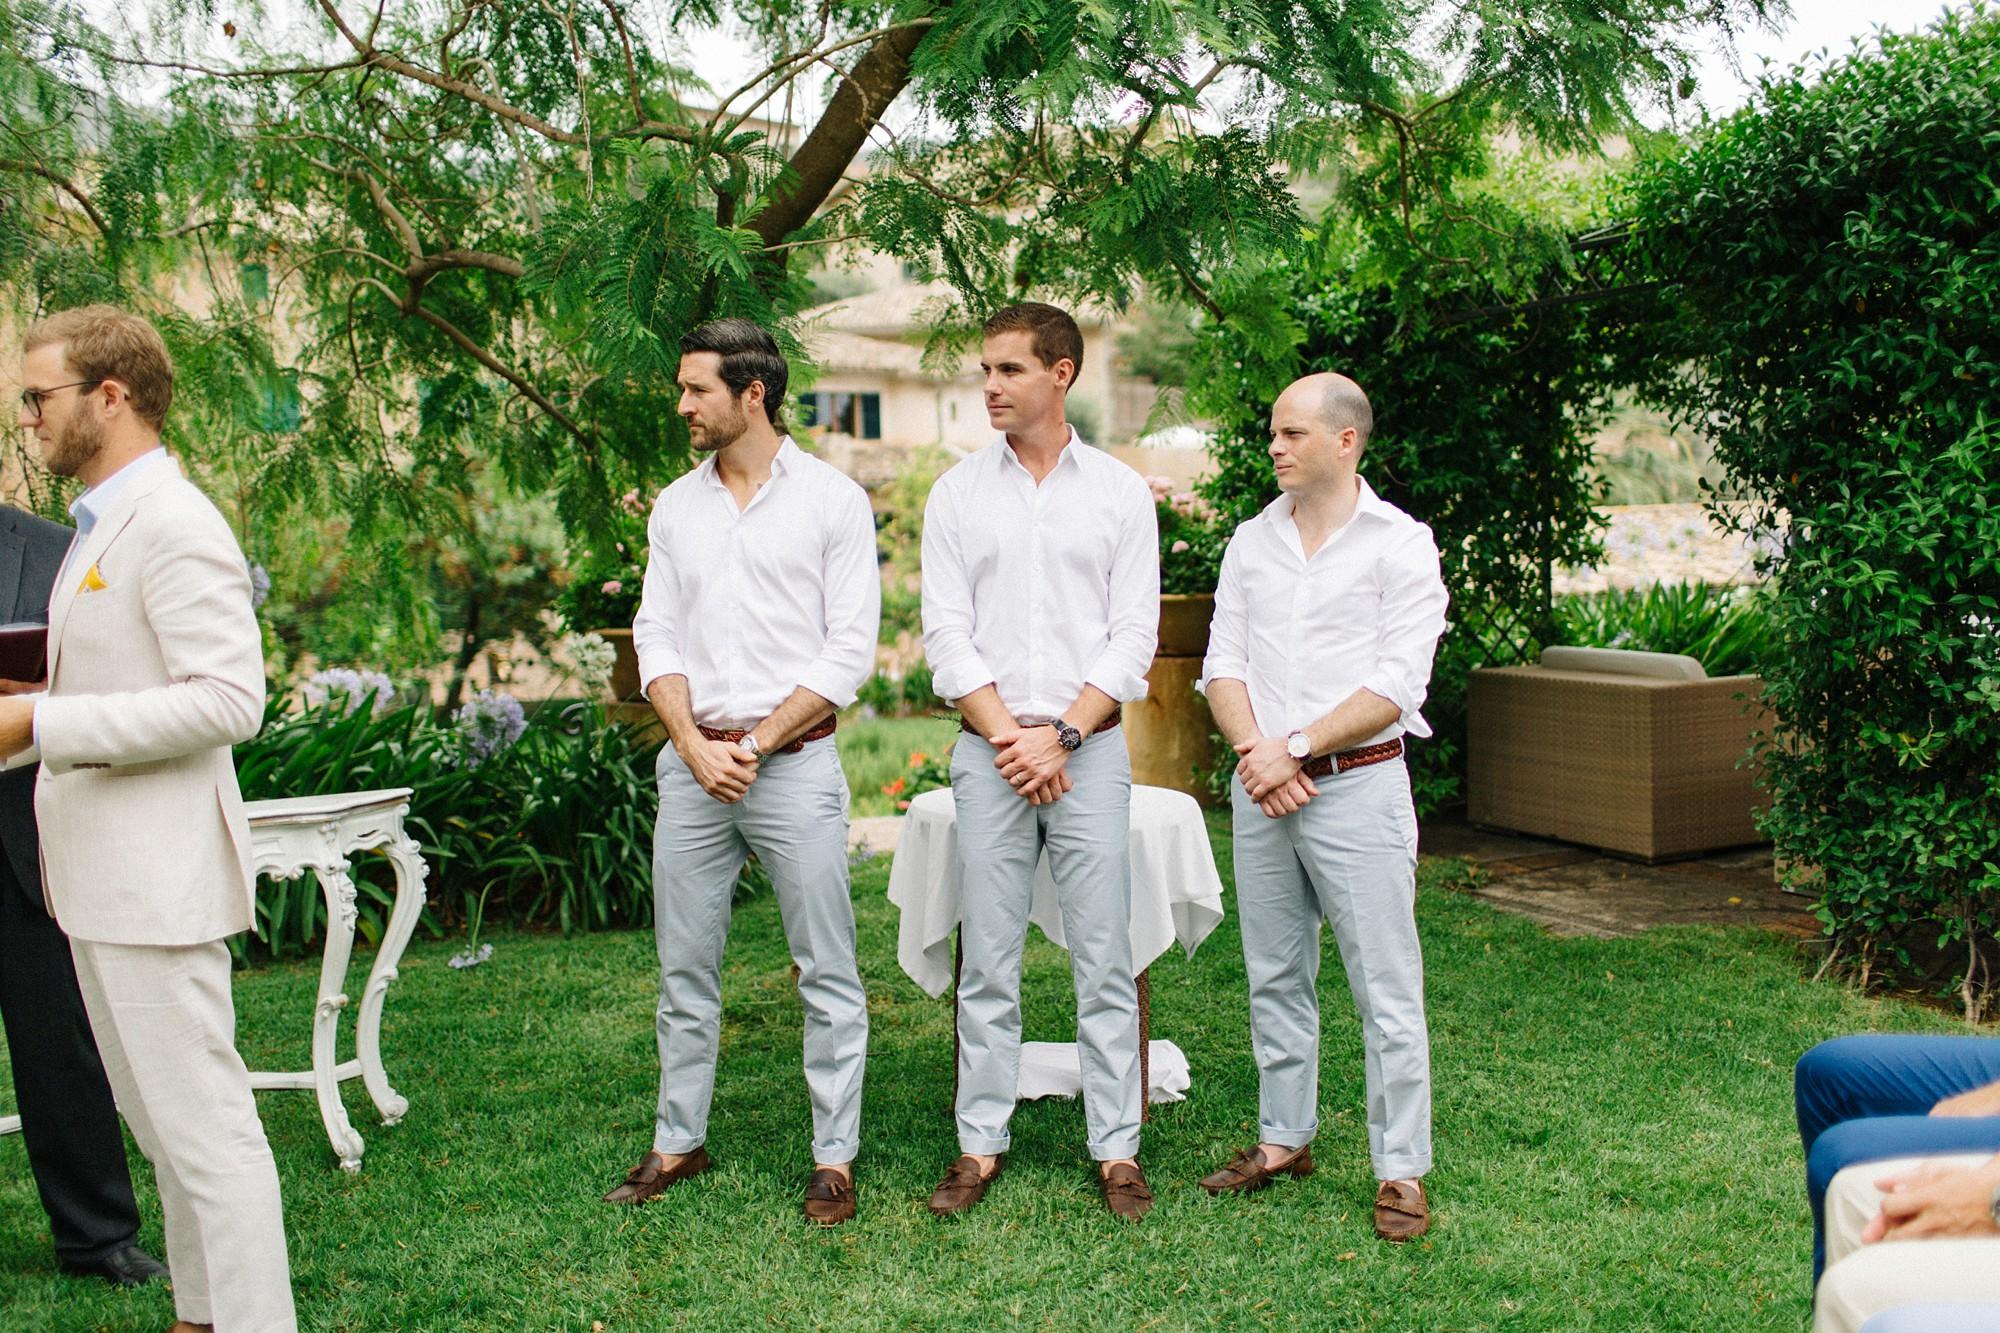 fotografos de boda en valencia barcelona mallorca wedding photographer073.jpg